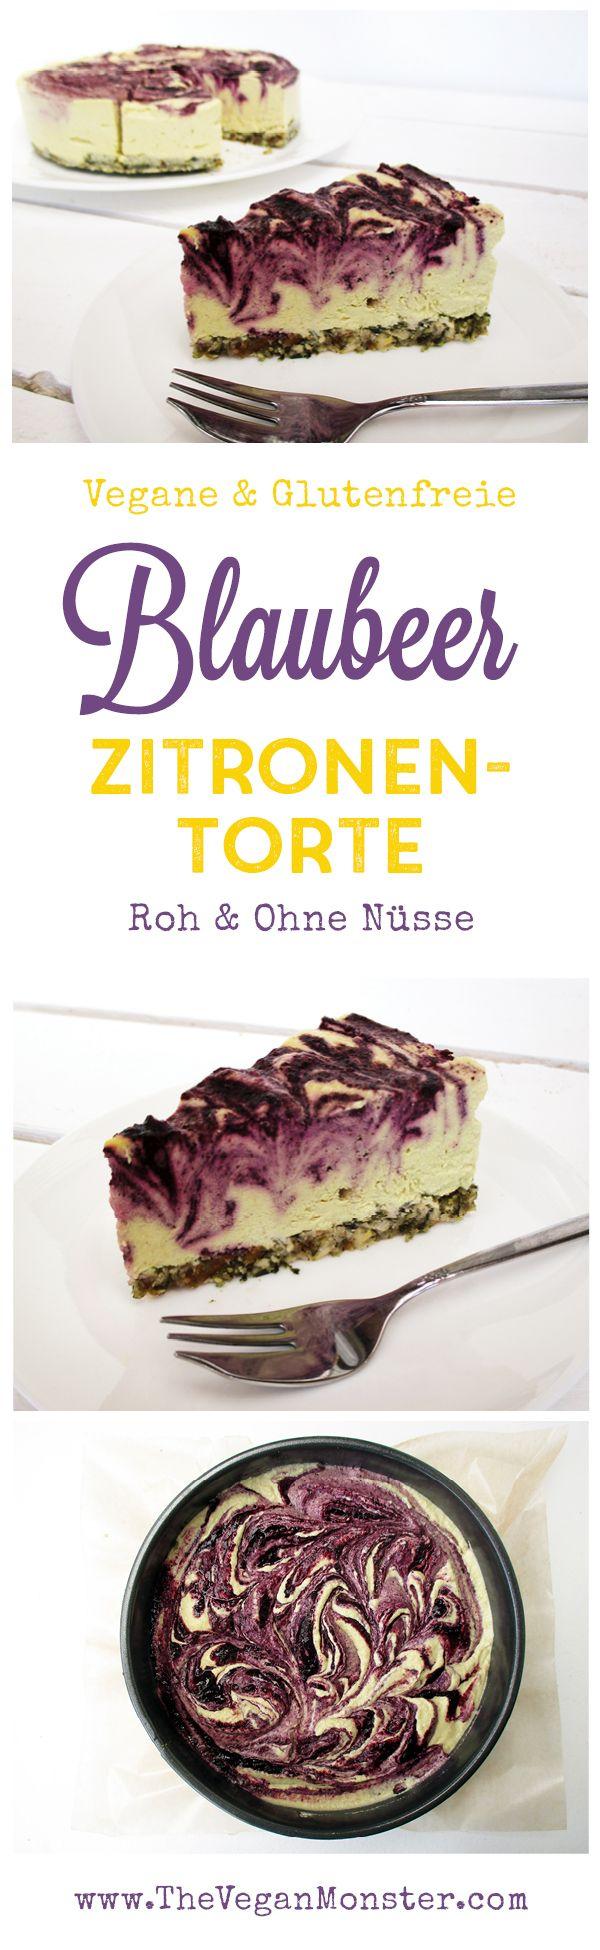 Nix Backen Vegane Glutenfreie Zitronen Blaubeer Torte Ohne Zucker